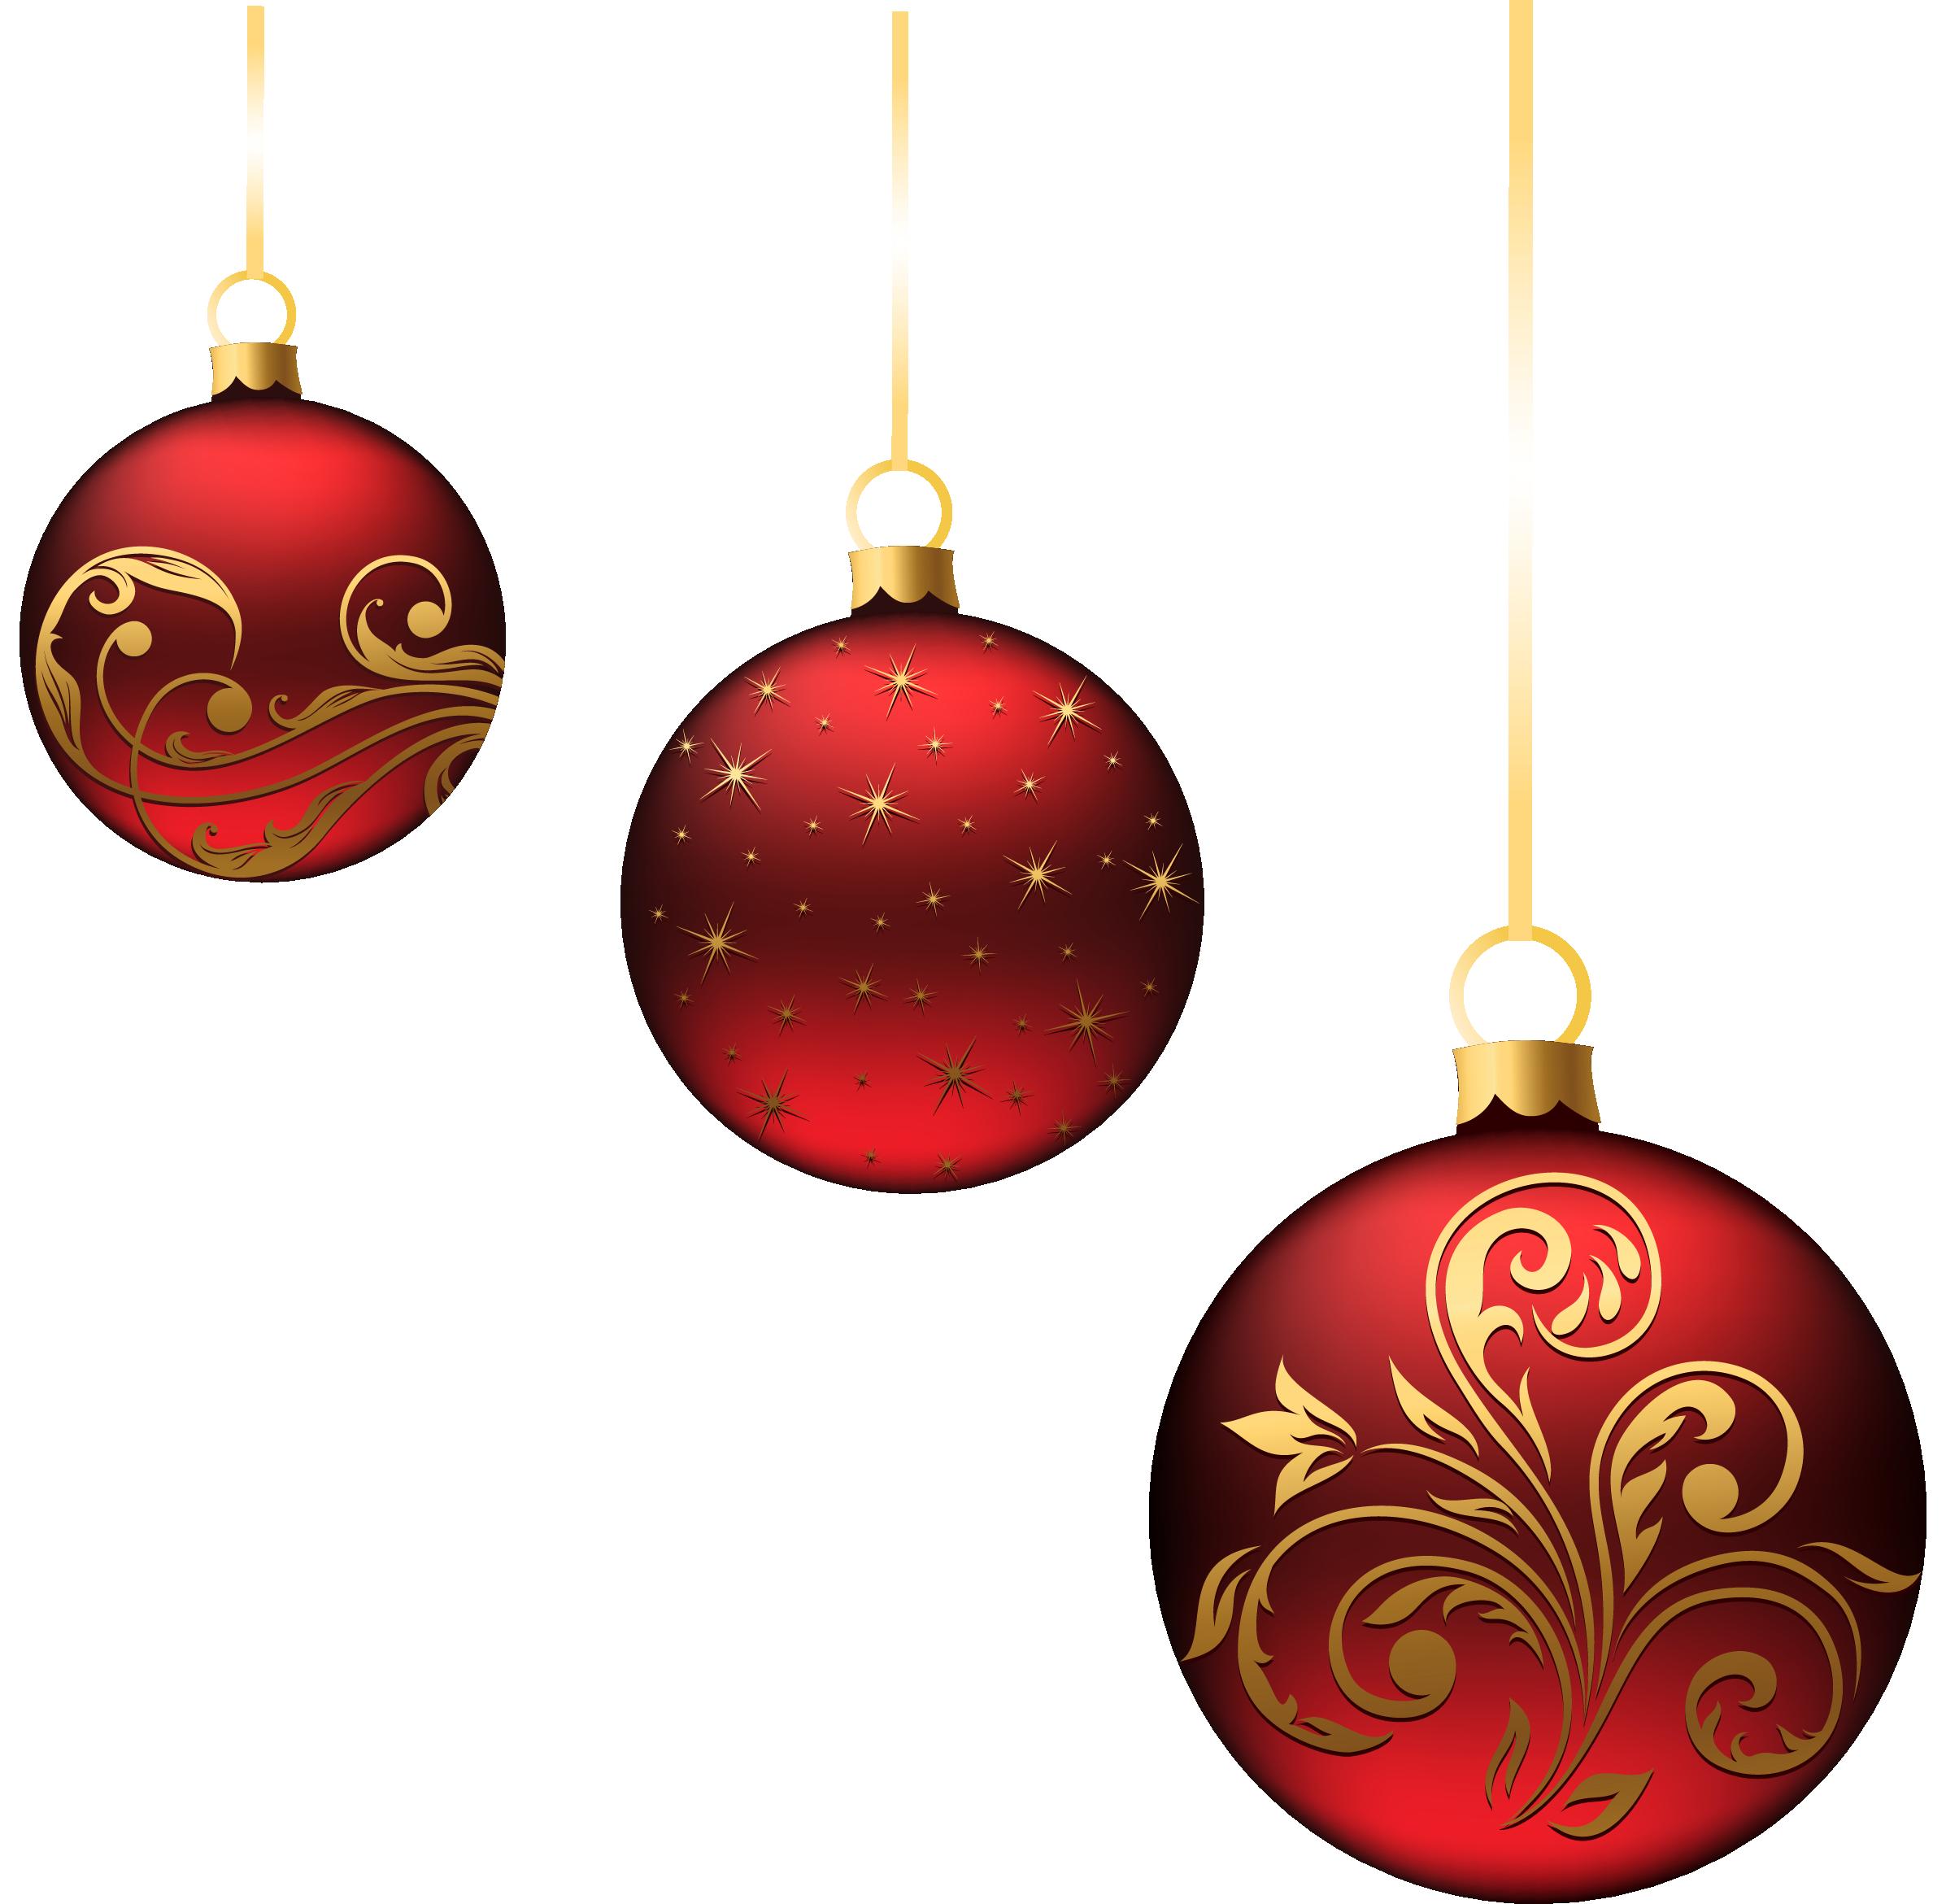 Christmas Ball PNG - 16820